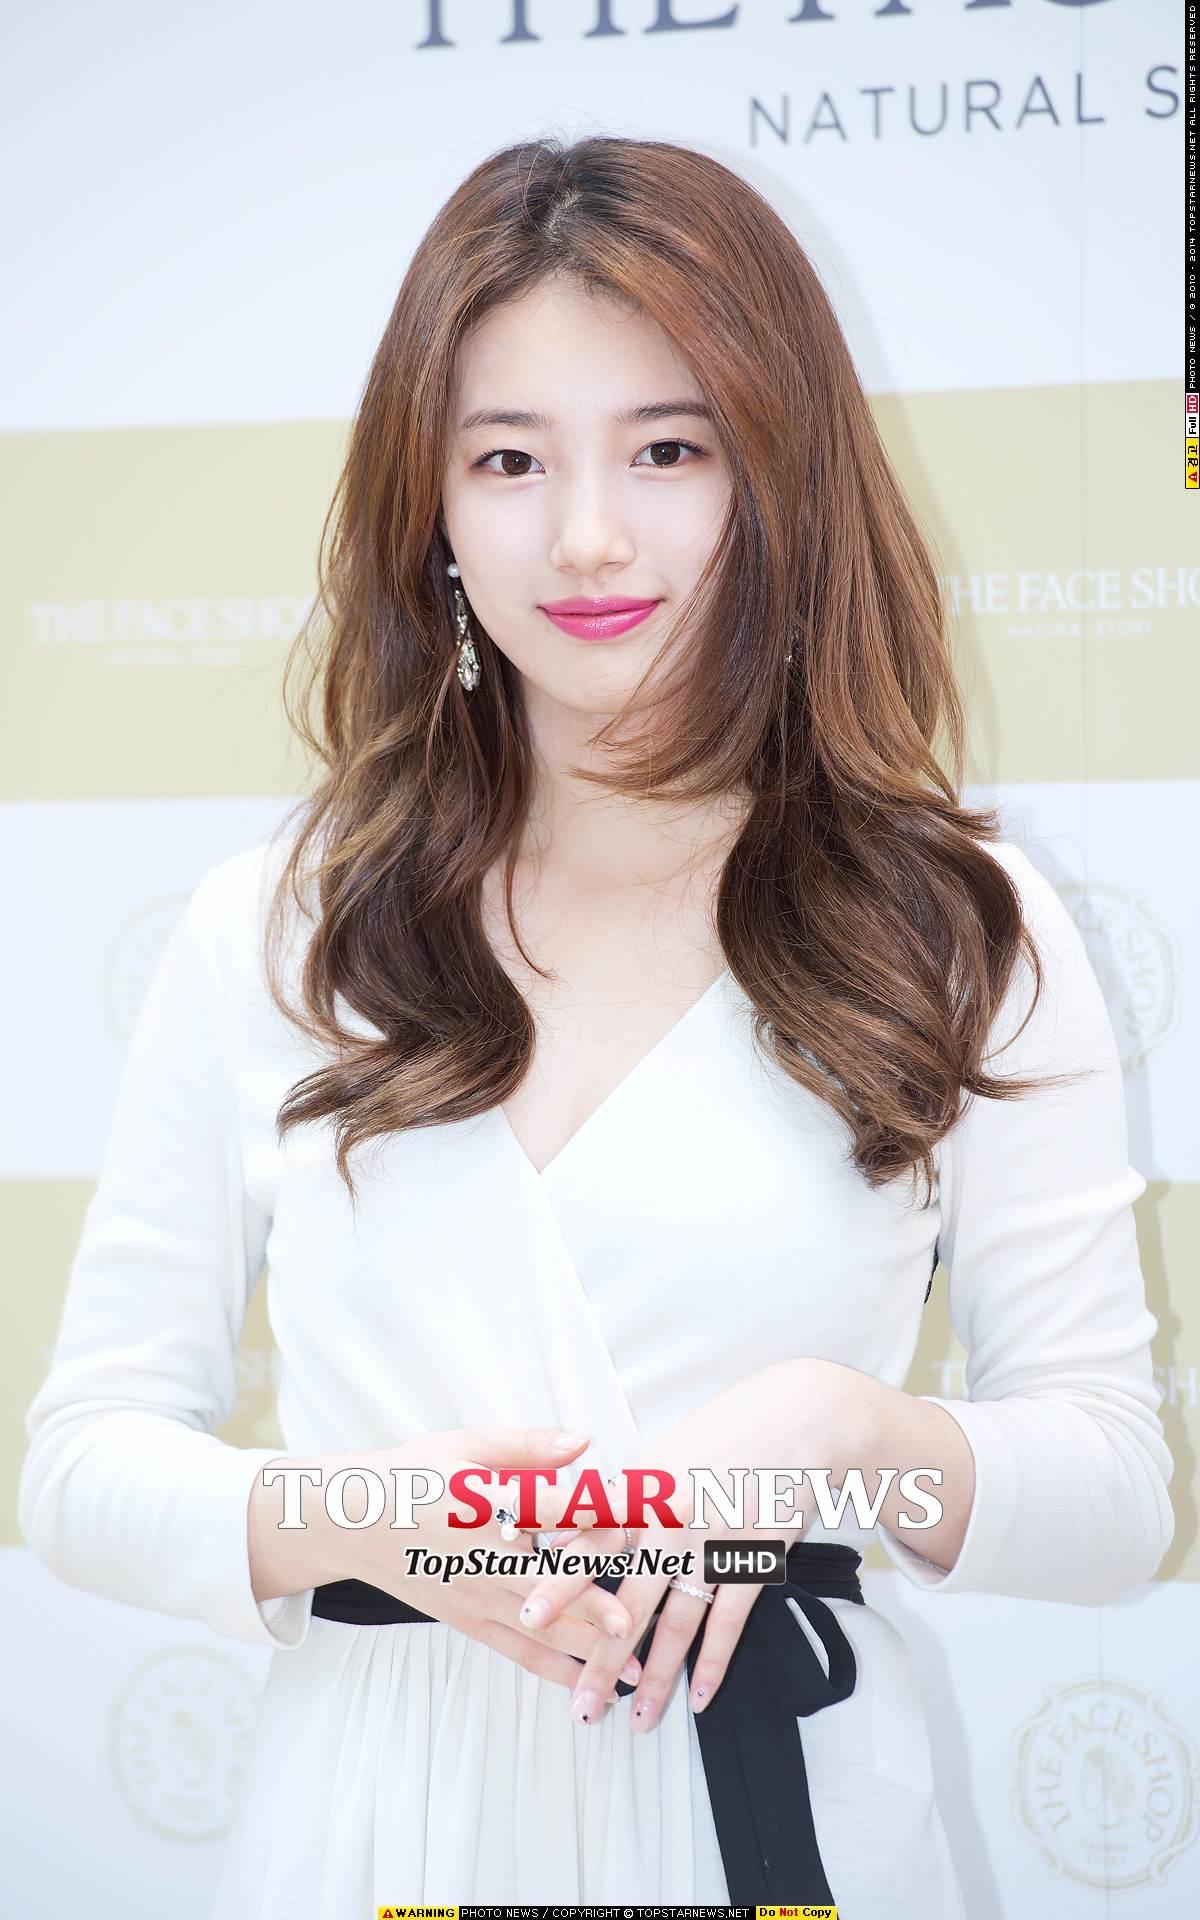 清純+性感 怎麼可以少了「國民初戀」Miss A的秀智! 甚至,男朋友還是李敏鎬!ㅠㅠ